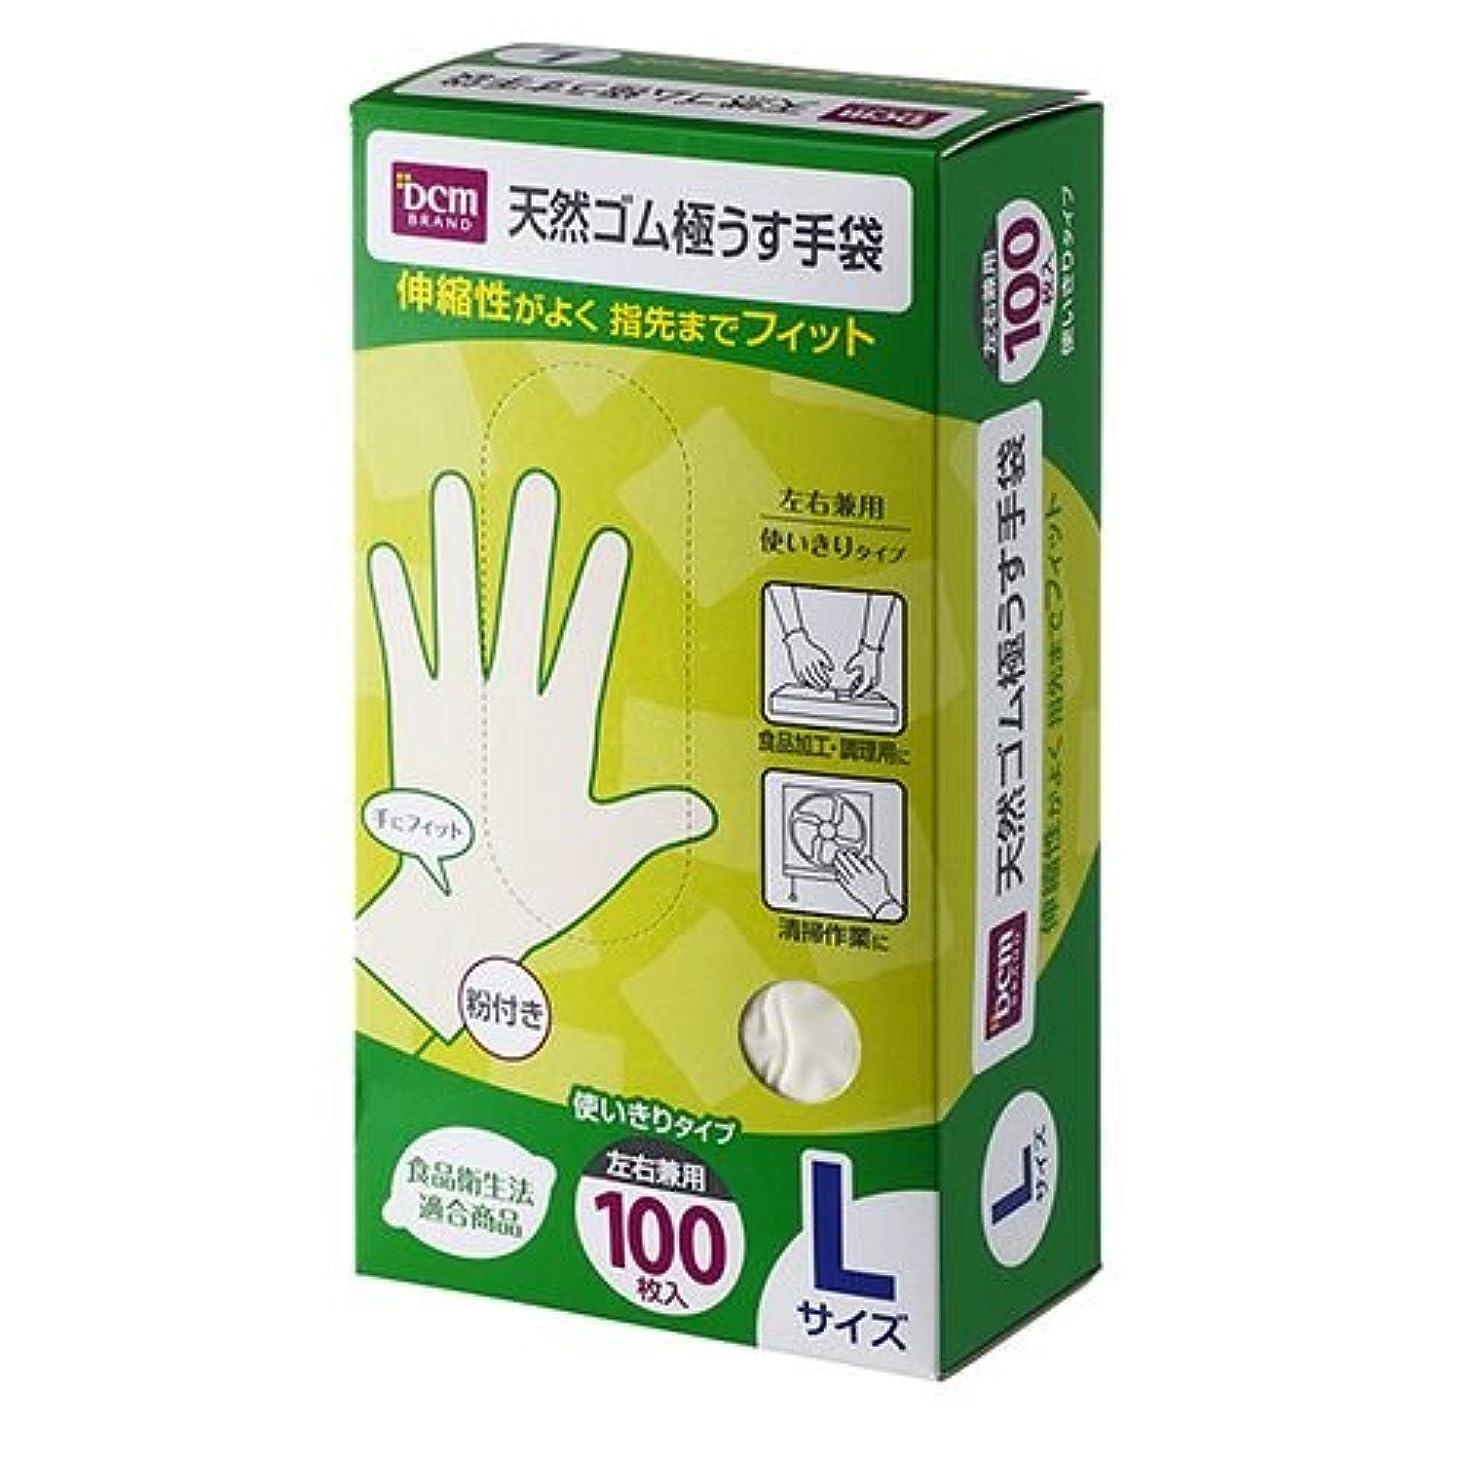 免除する典型的な壮大天然ゴム 極うす 手袋 HI06T81 L 100枚入 L